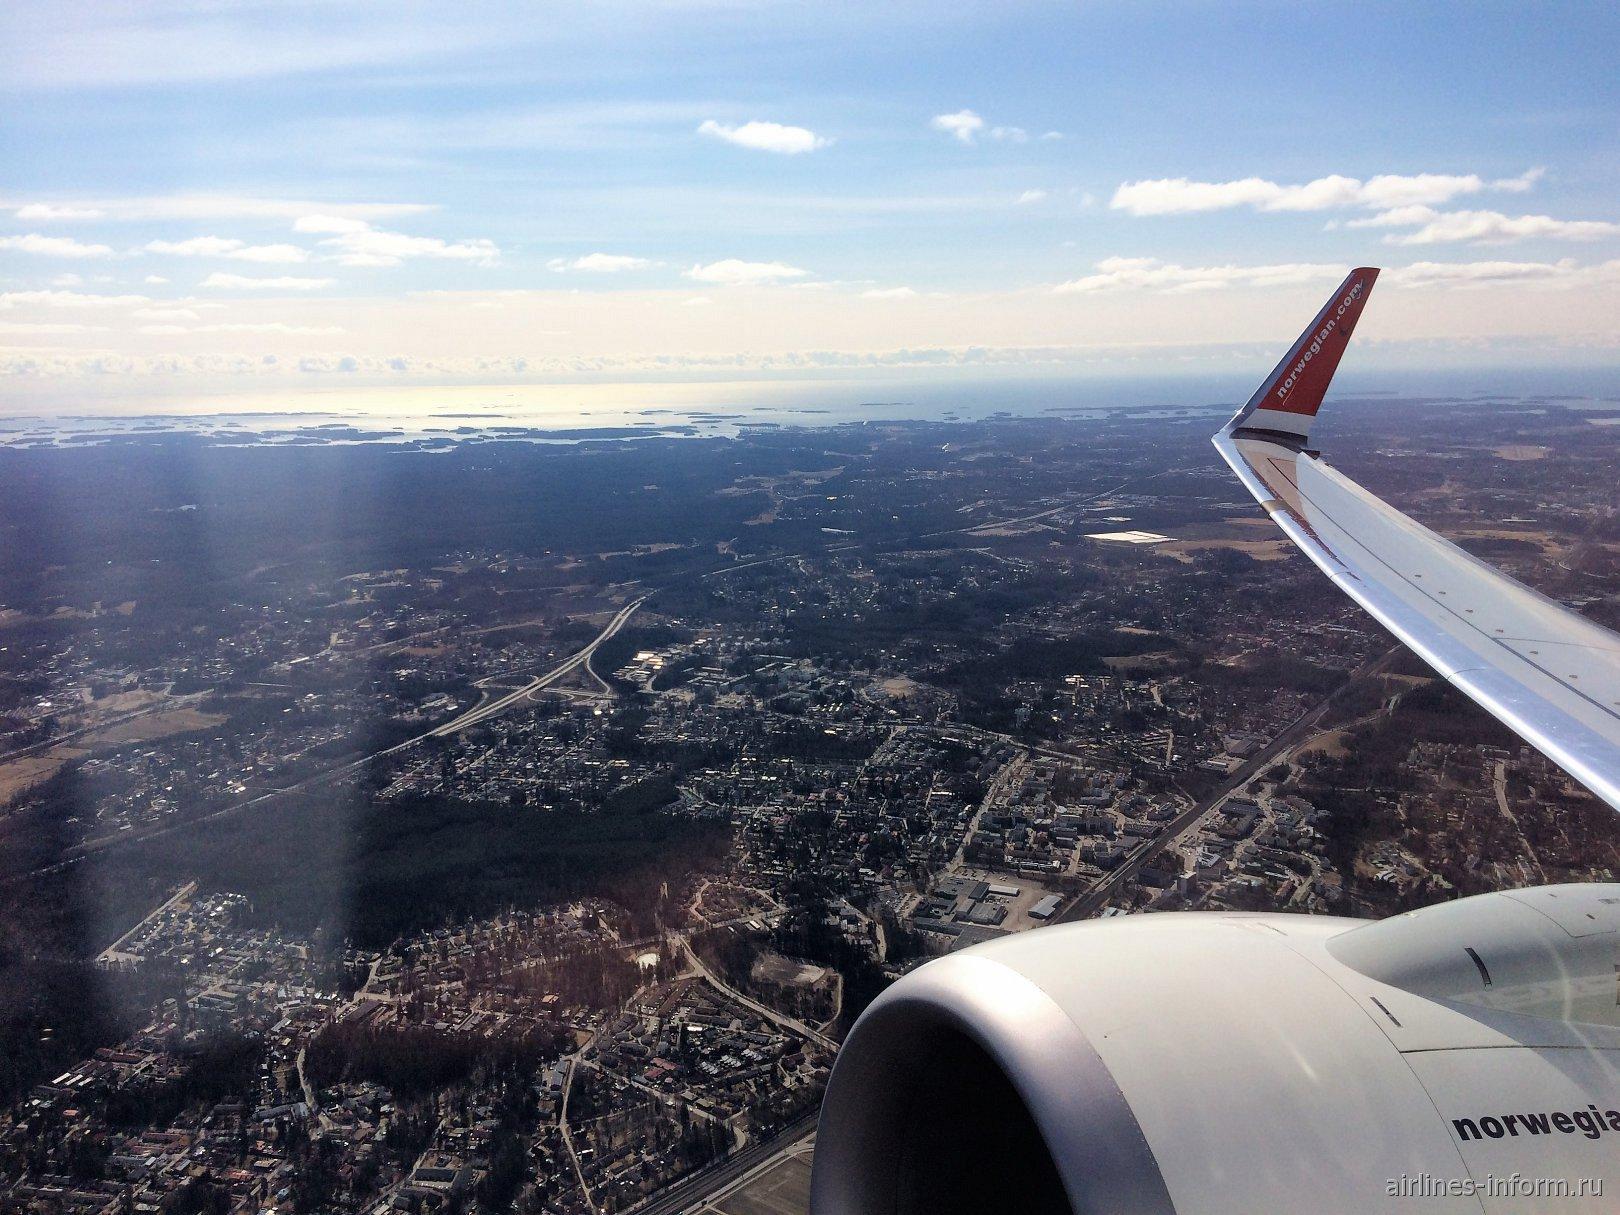 Окрестности Хельсинки при взлете из аэропорта Вантаа